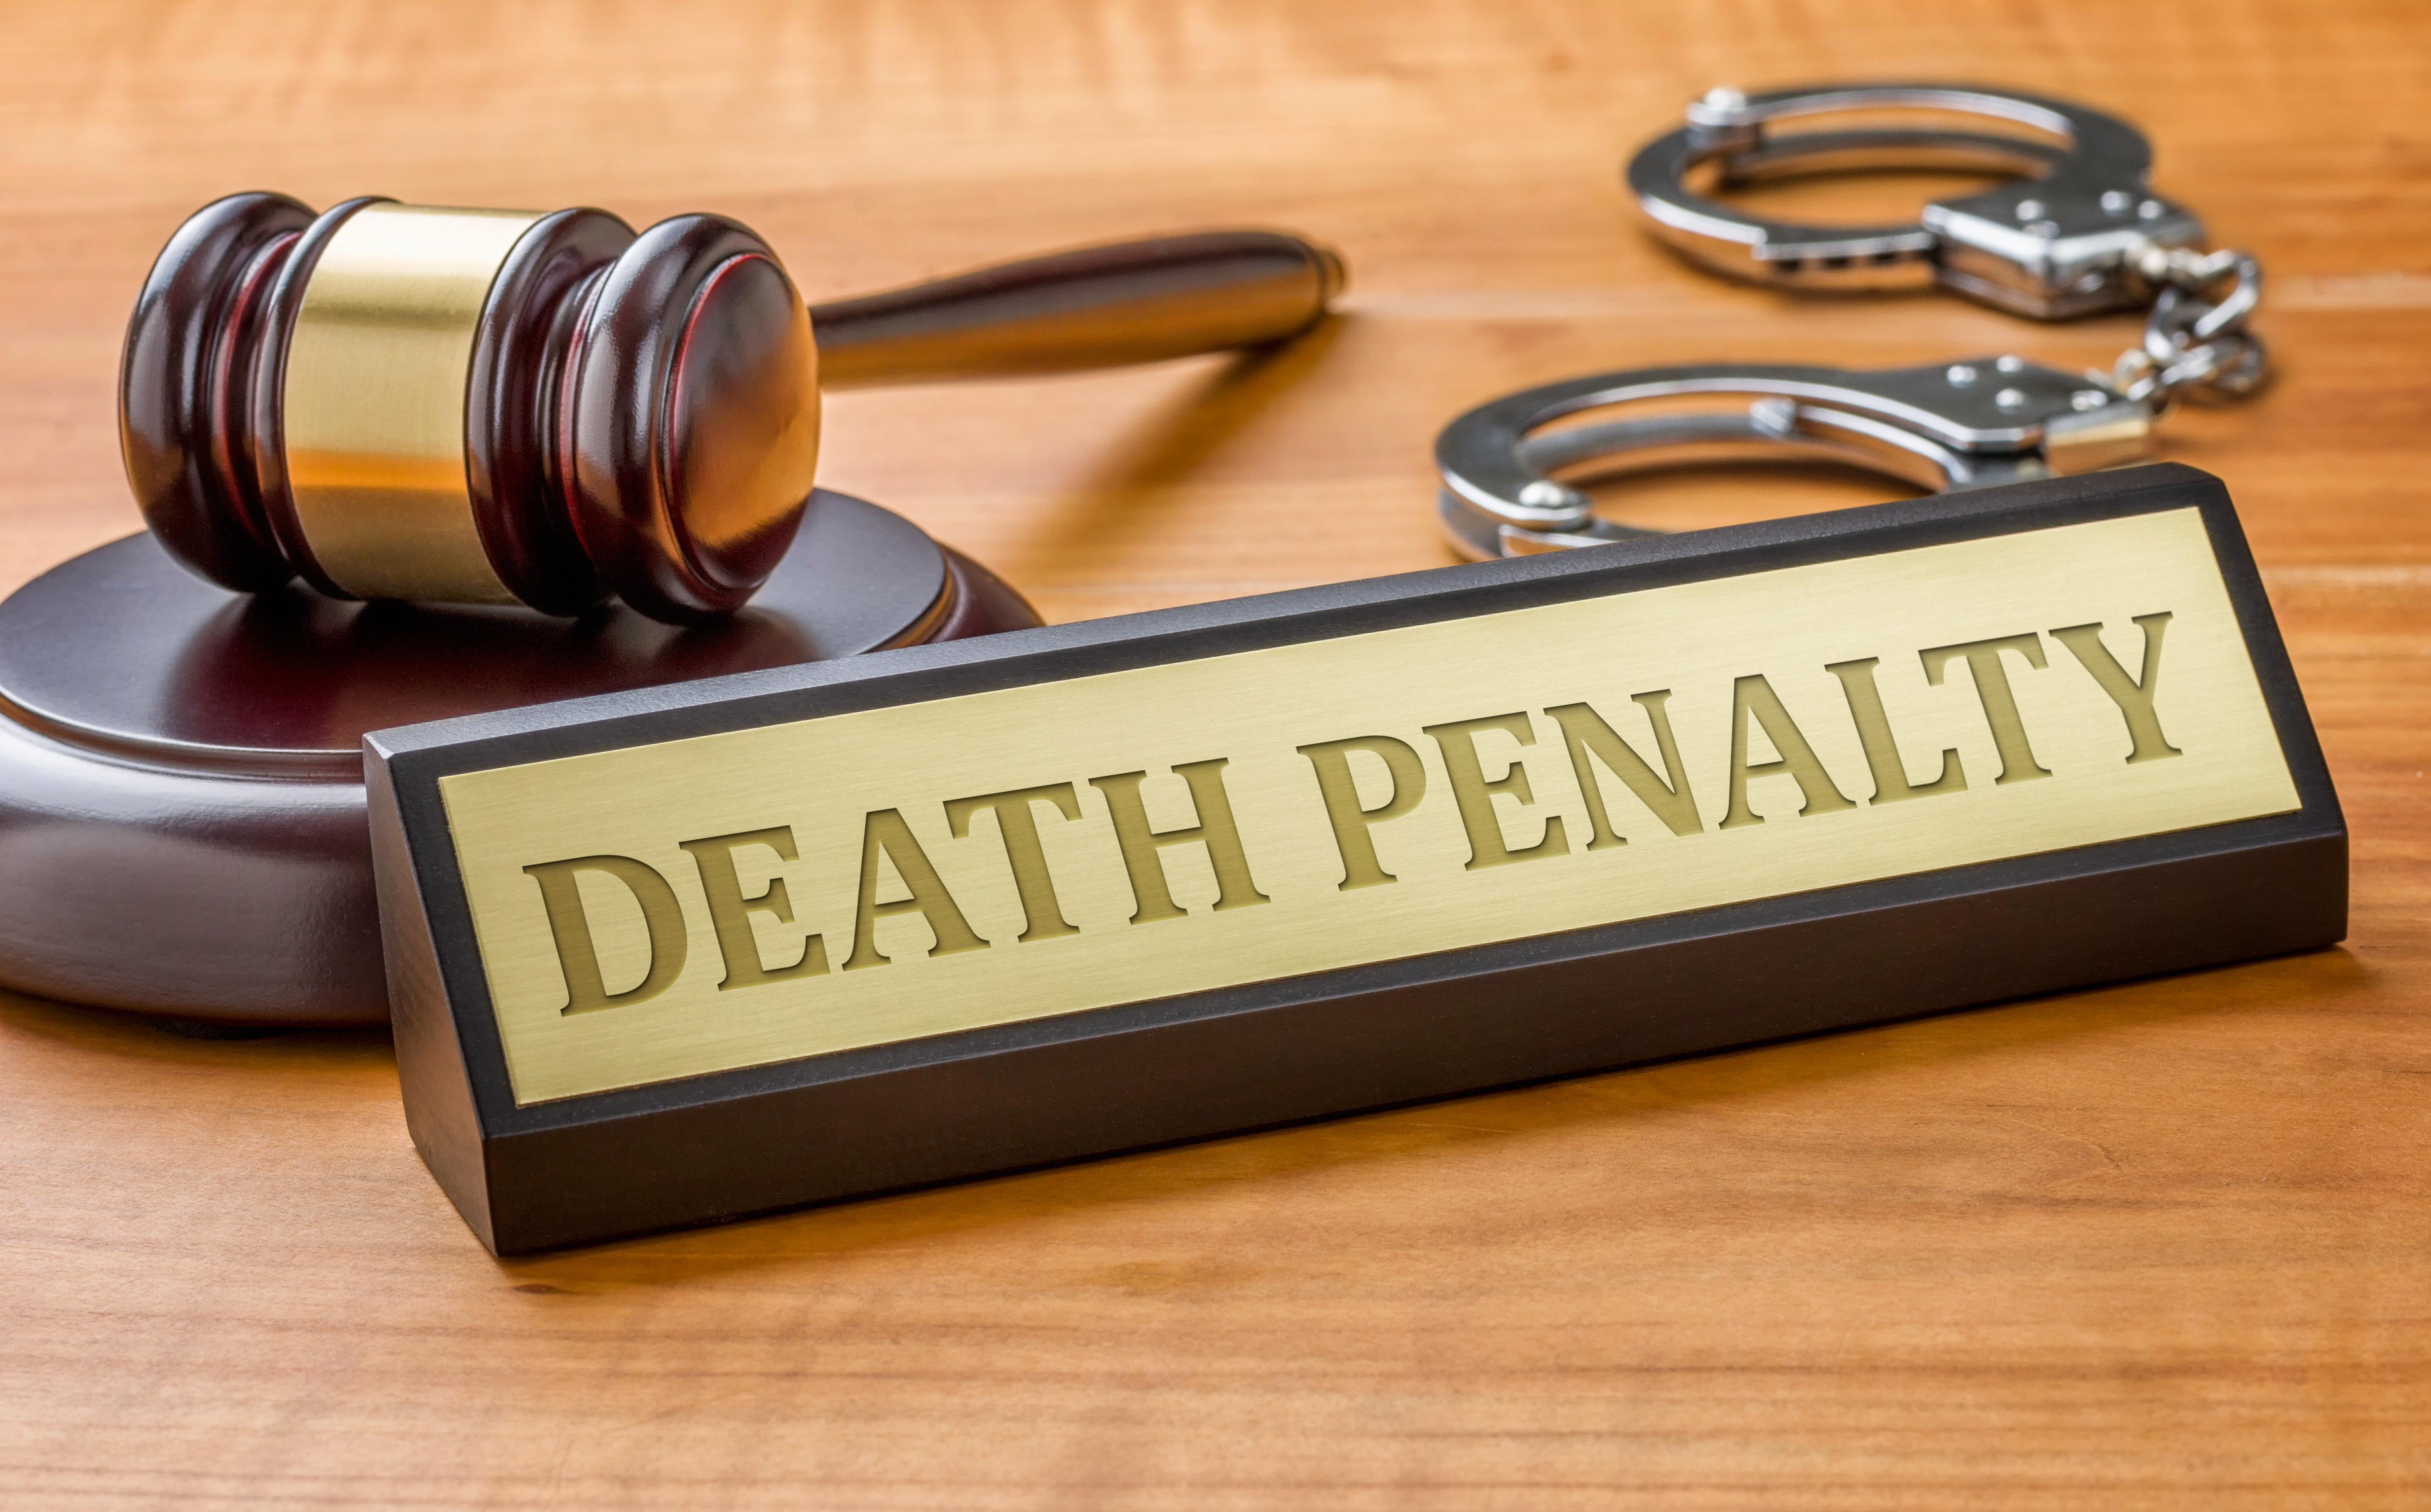 世界の『死刑統計2018』が発表 「30%以上減少し、過去10年で最も低い数字」一方、日本の現状は?